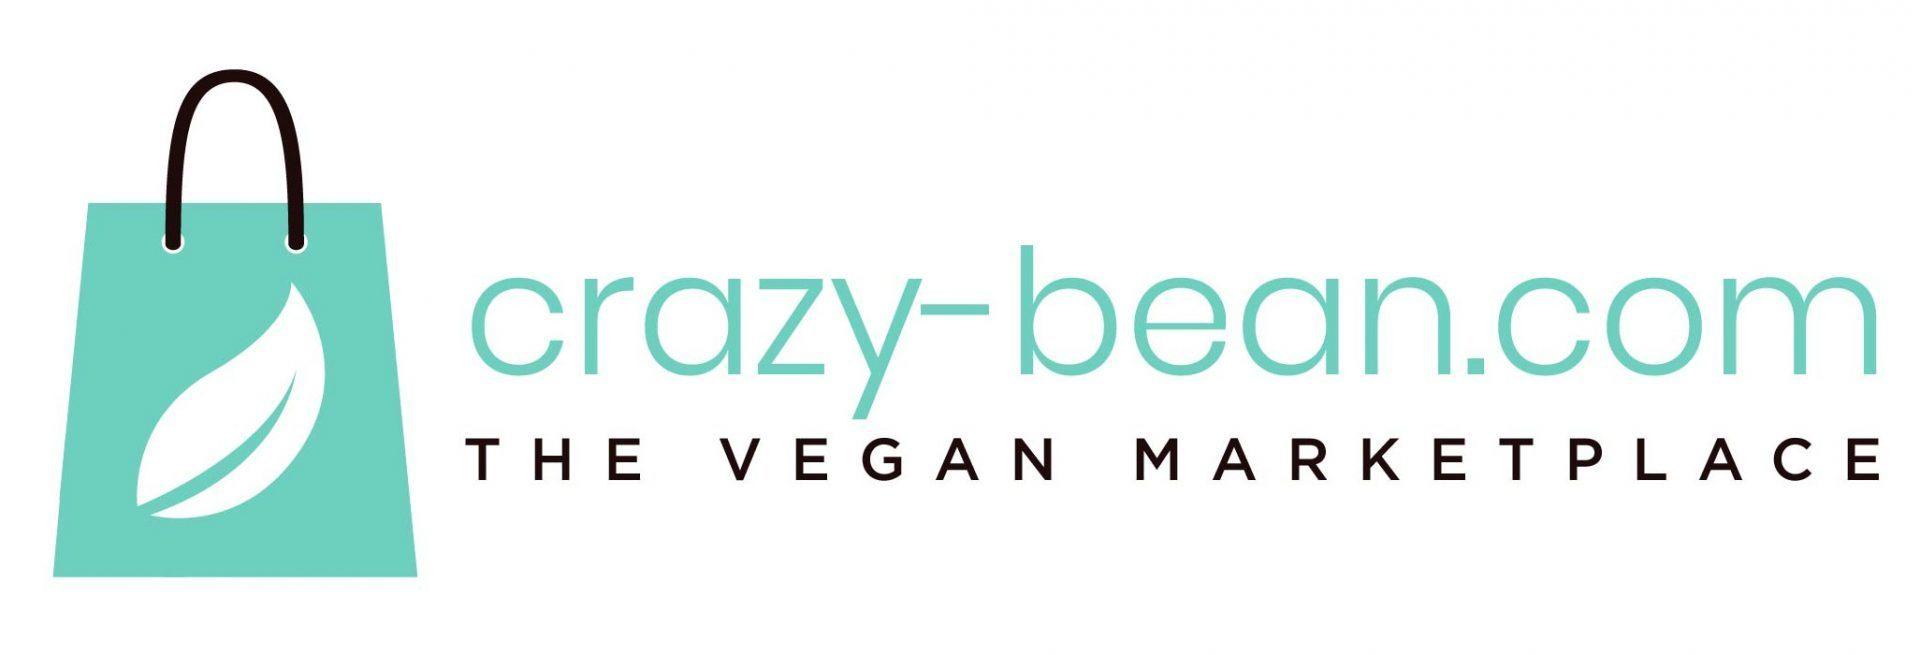 crazy-bean-logo-full